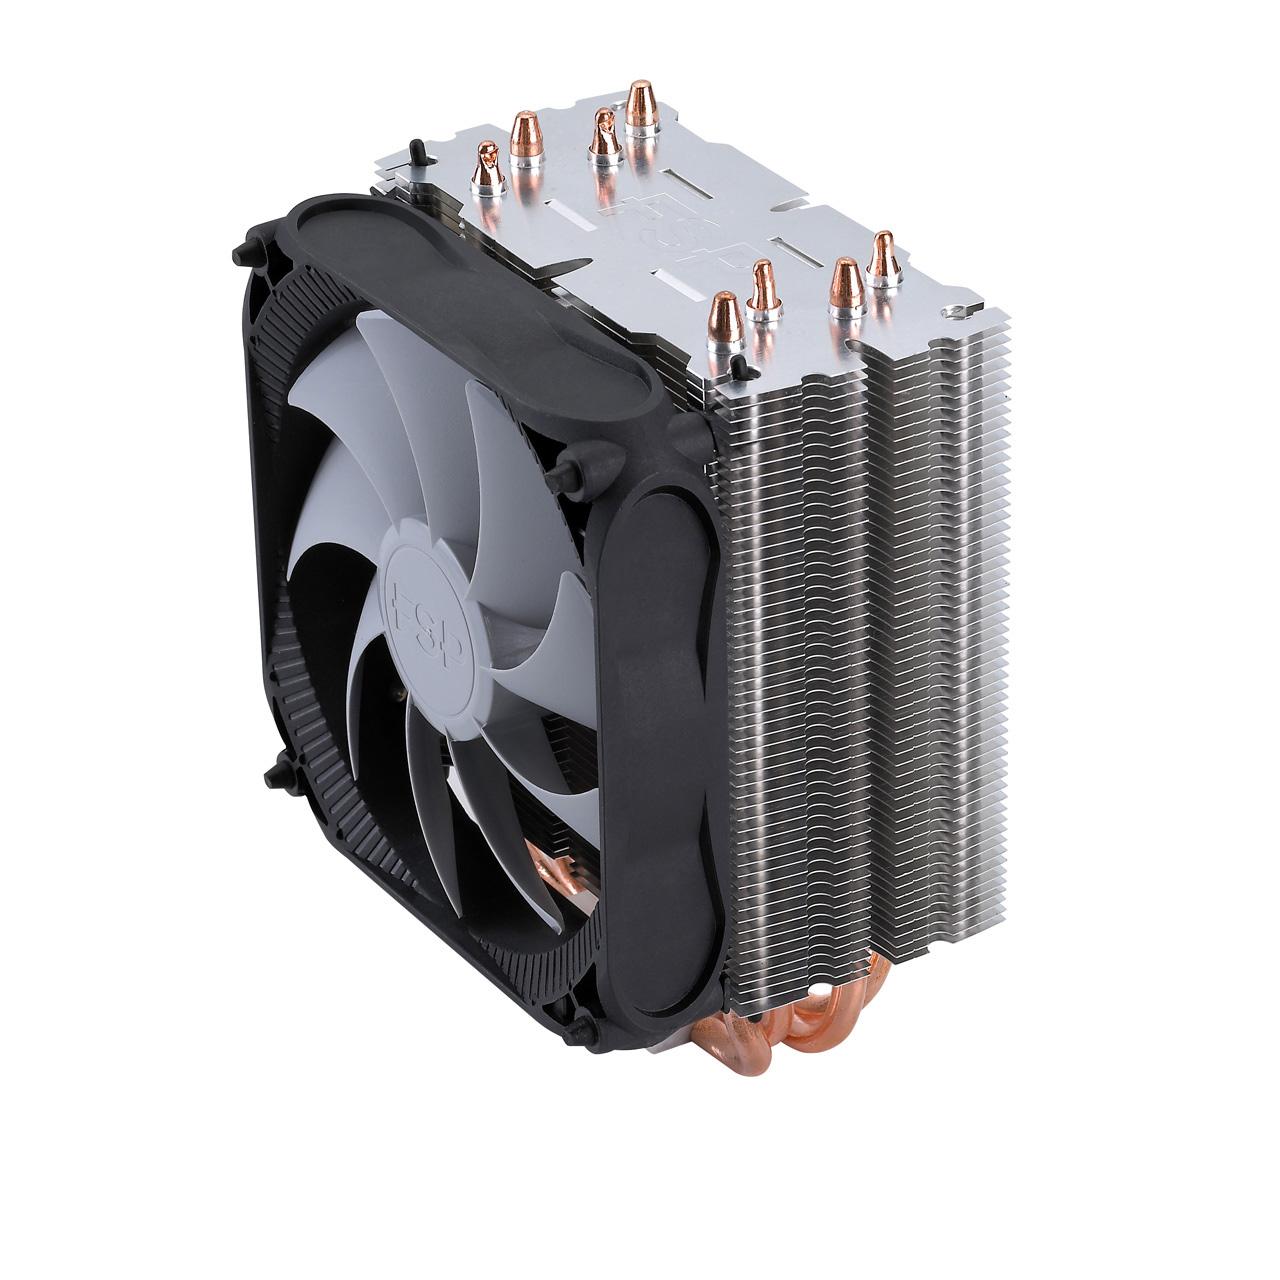 Ventilateur processeur FSP Windale 4 Ventilateur de processeur (pour Socket Intel 775/1150/1151/1155/1156/1366/2011et AMD AM2/AM2+/AM3/AM3/ AM4/FM1/FM2/FM2 )